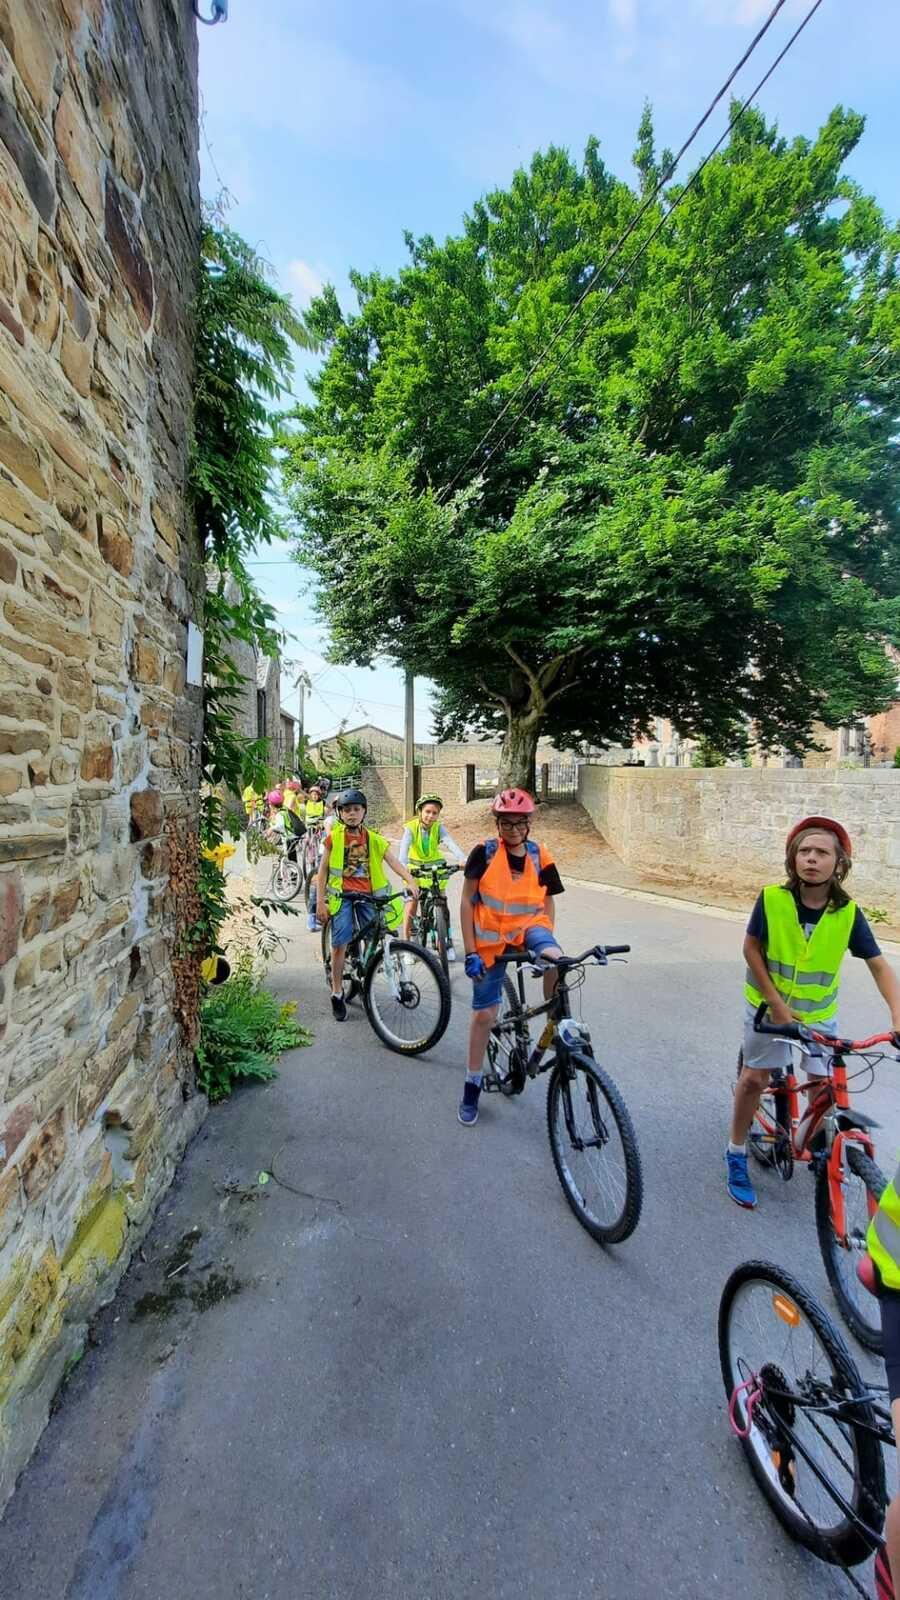 Sortie vélo dans la belle campagne d'Ouffet avec les élèves de P4